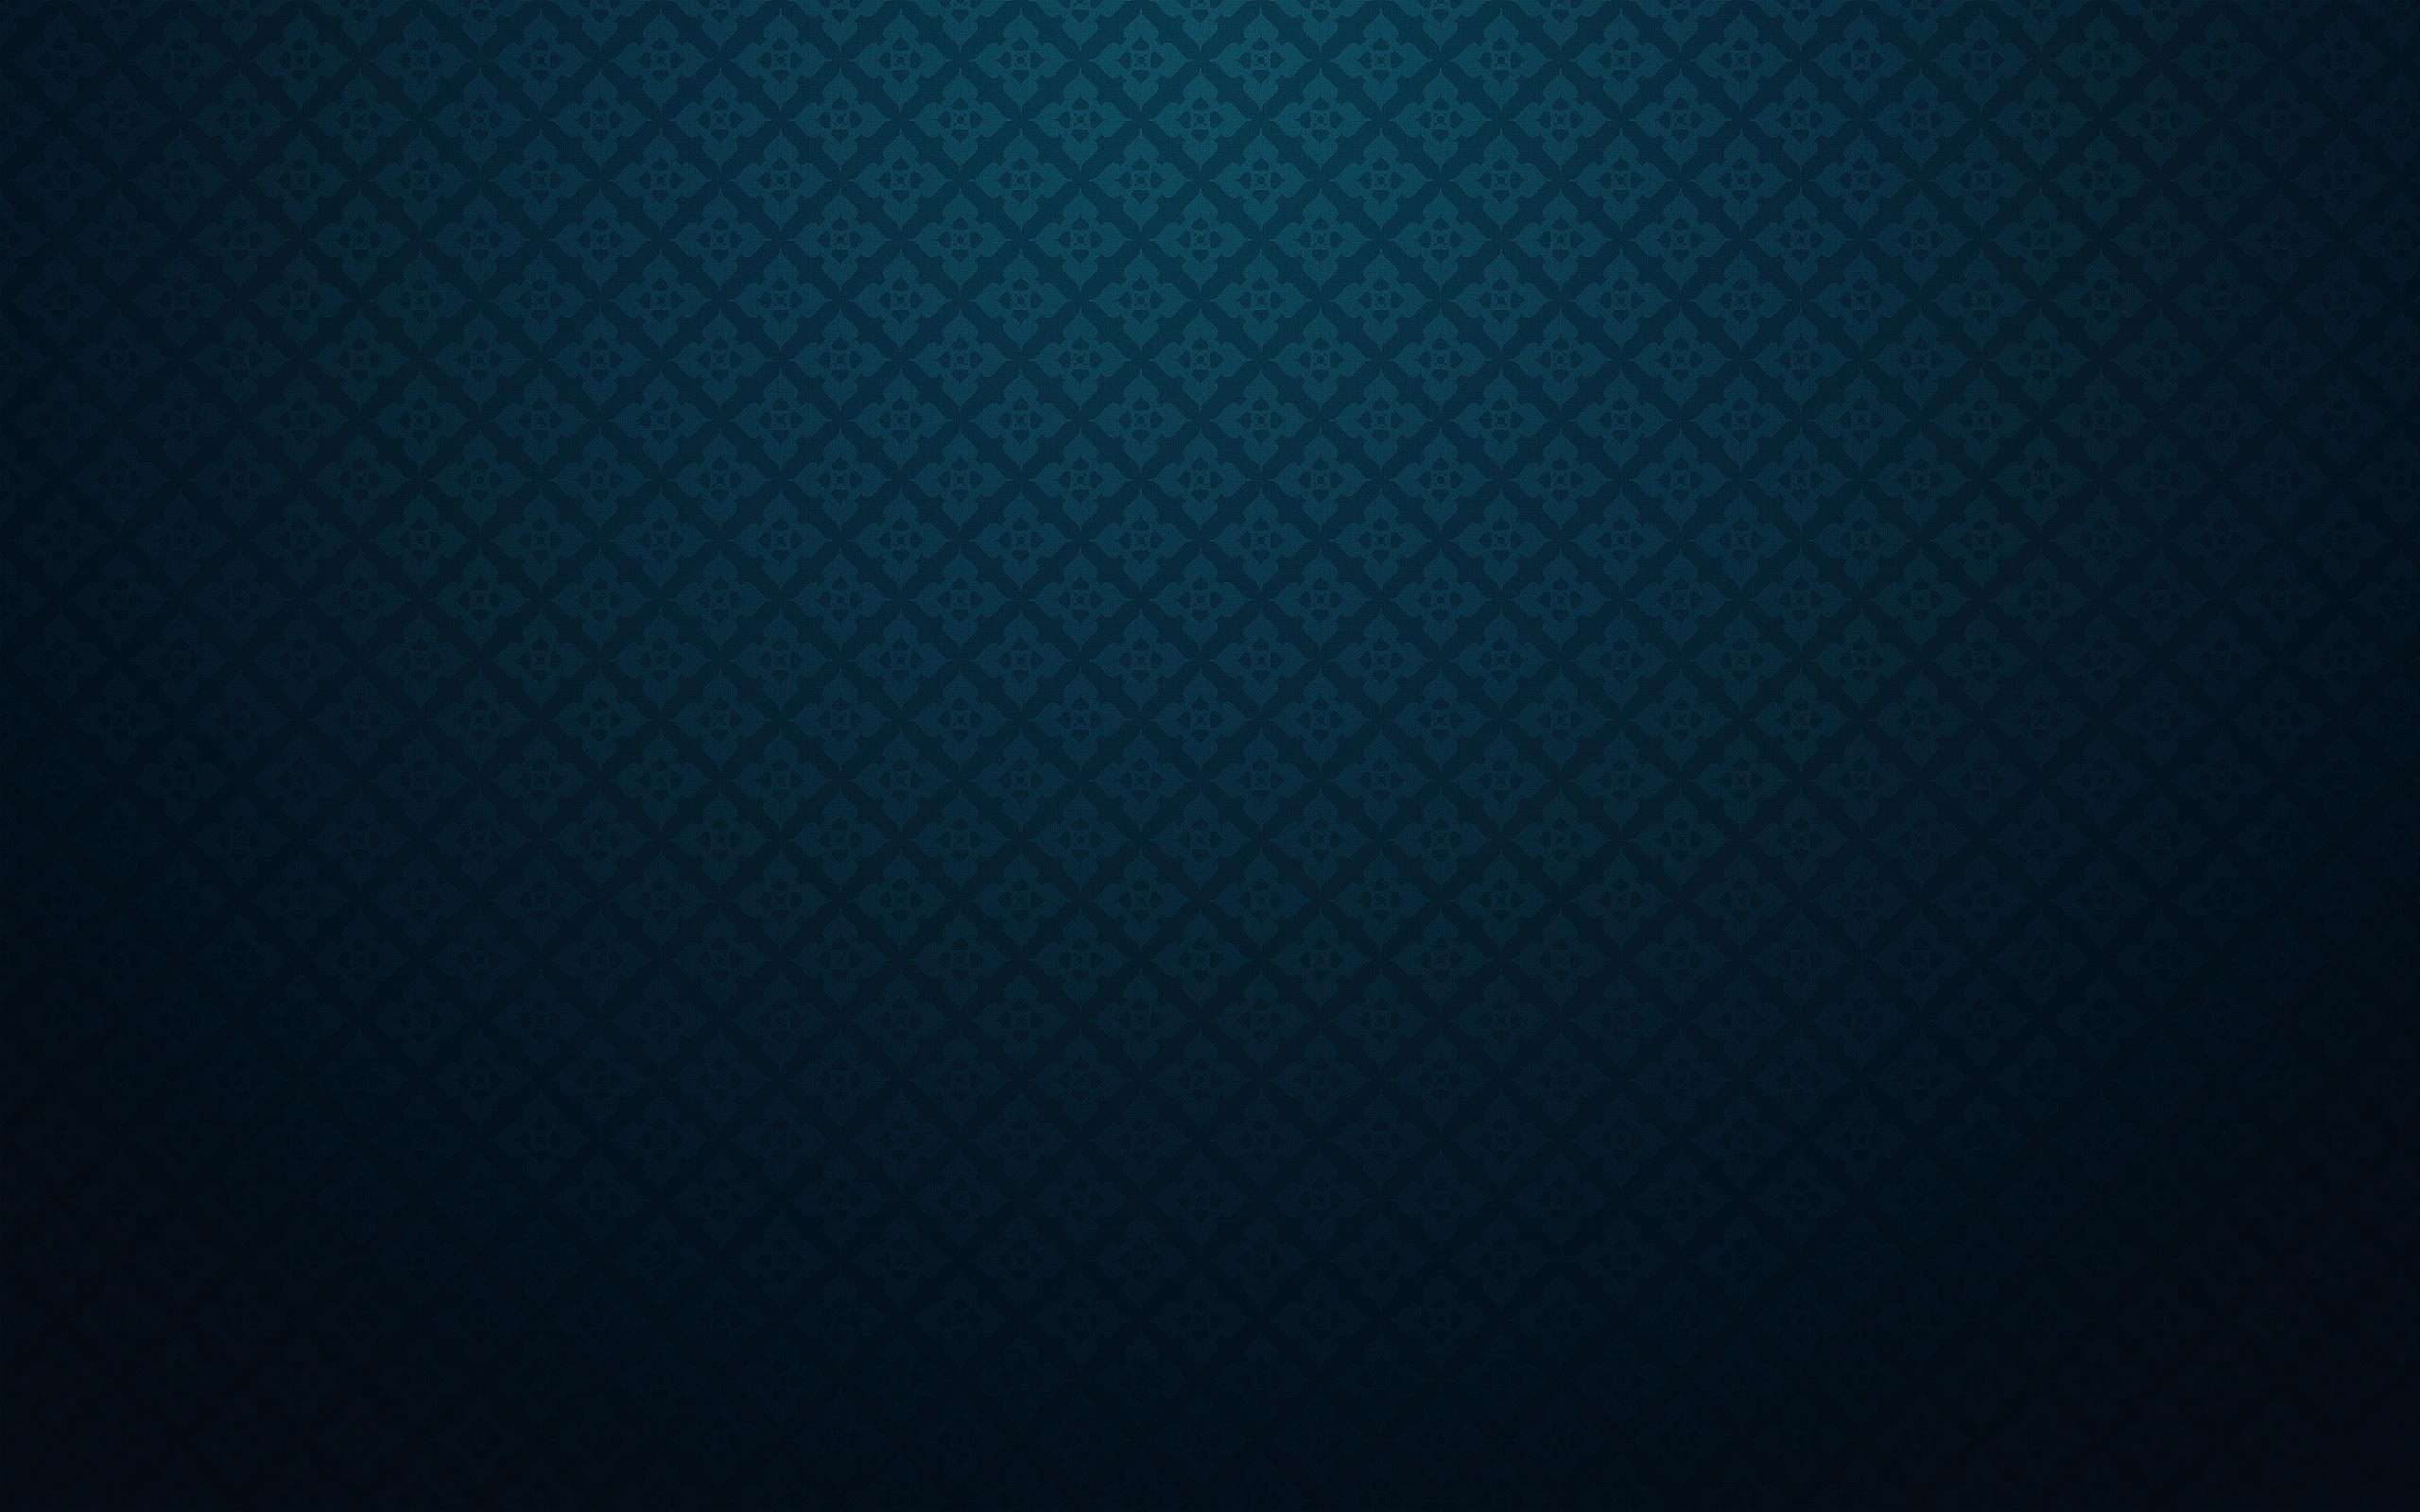 Background image dark - Jpg 2560x1600 Dark Color Patterned Background